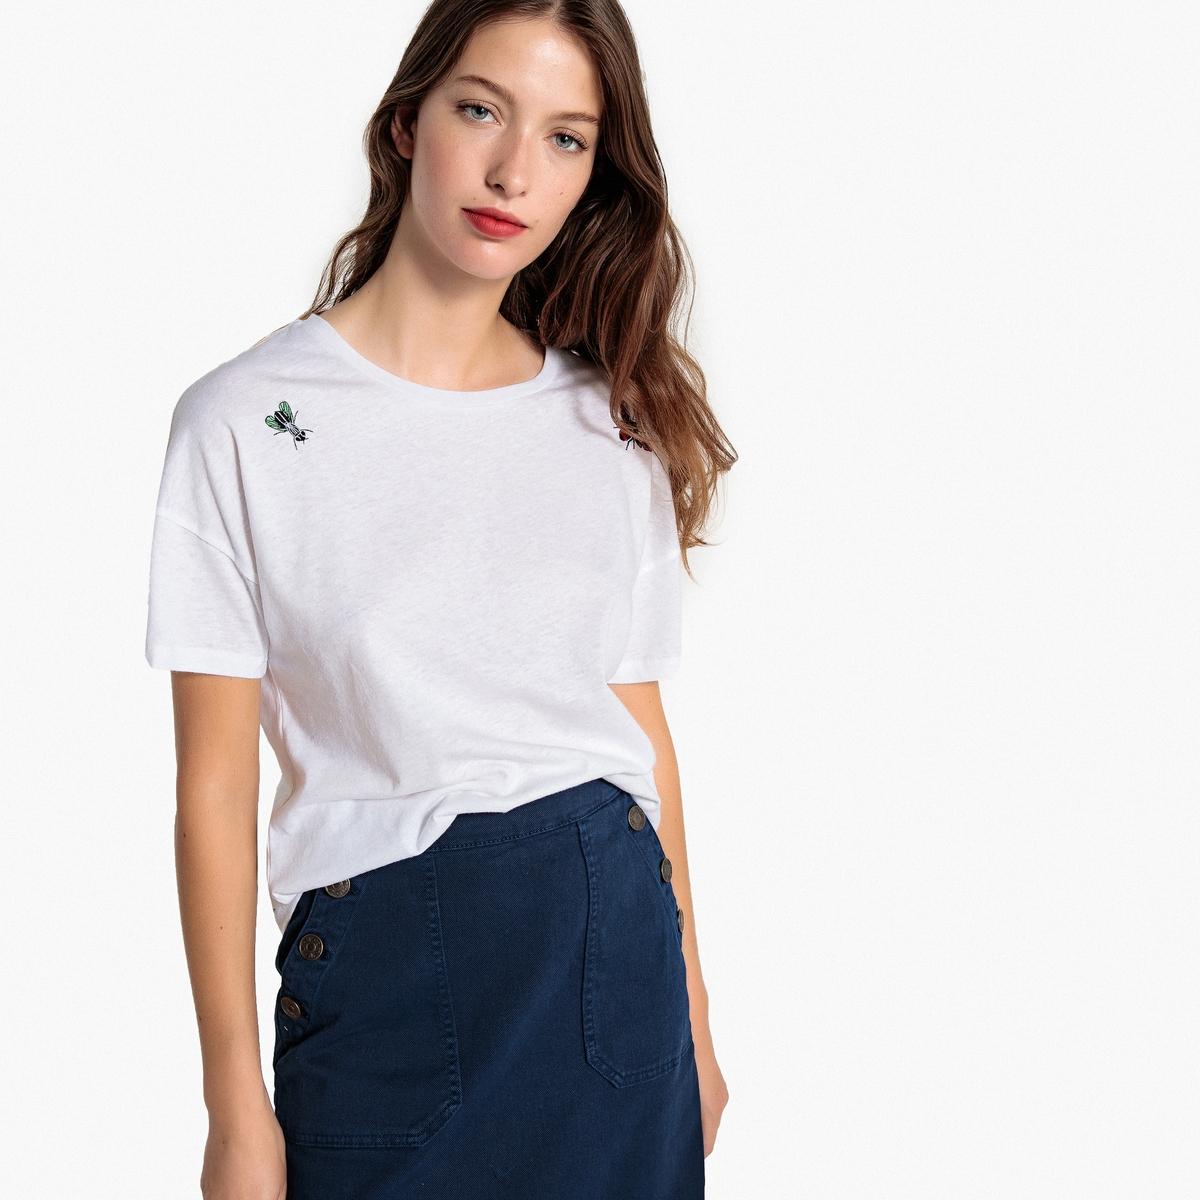 T-shirt de mangas curtas, bordado motivo insetos